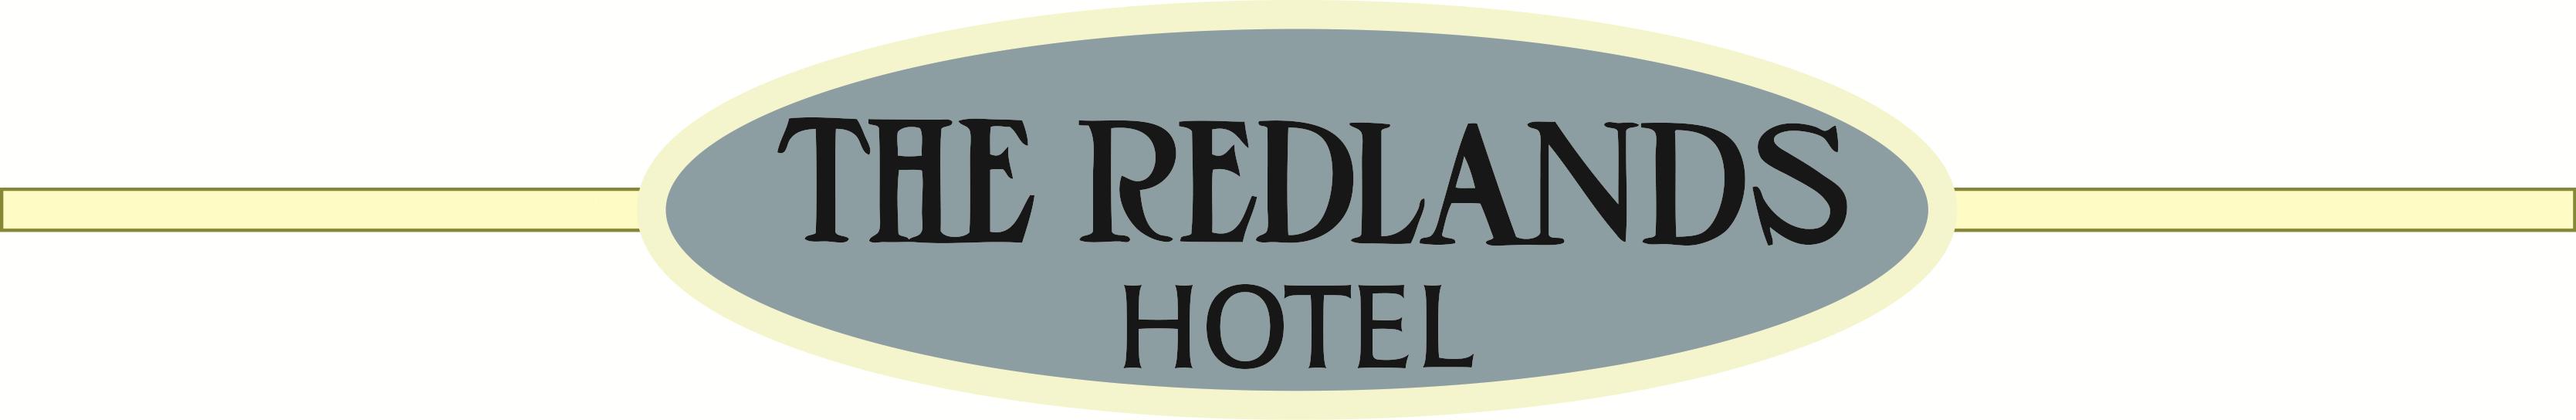 The Redlands